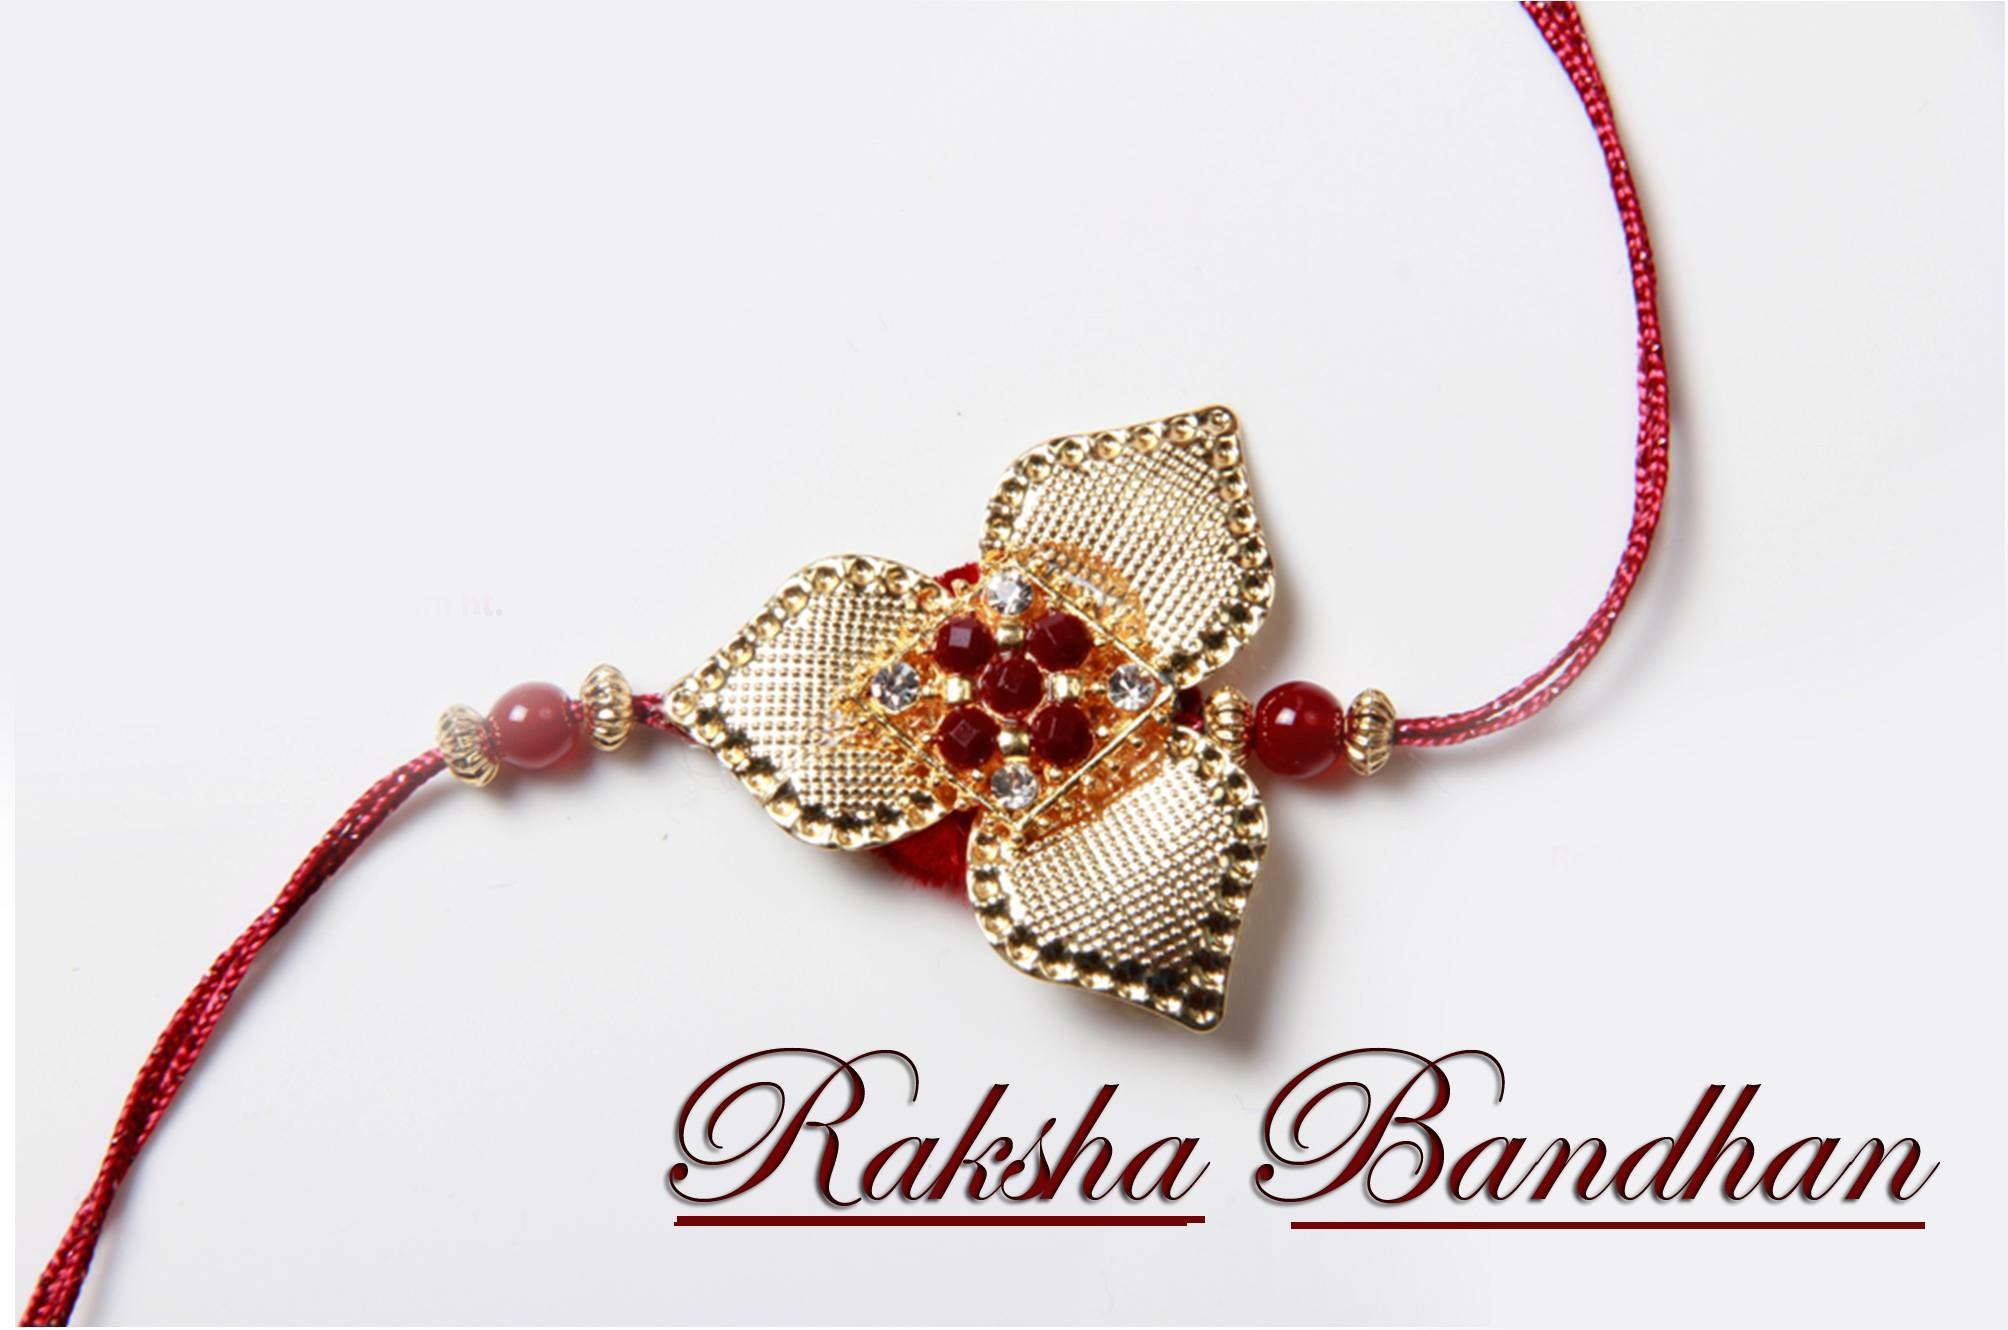 Raksa Bandhan Pics Download Raksha Bandhan Rakhi Images Hd 1600x1060 Download Hd Wallpaper Wallpapertip